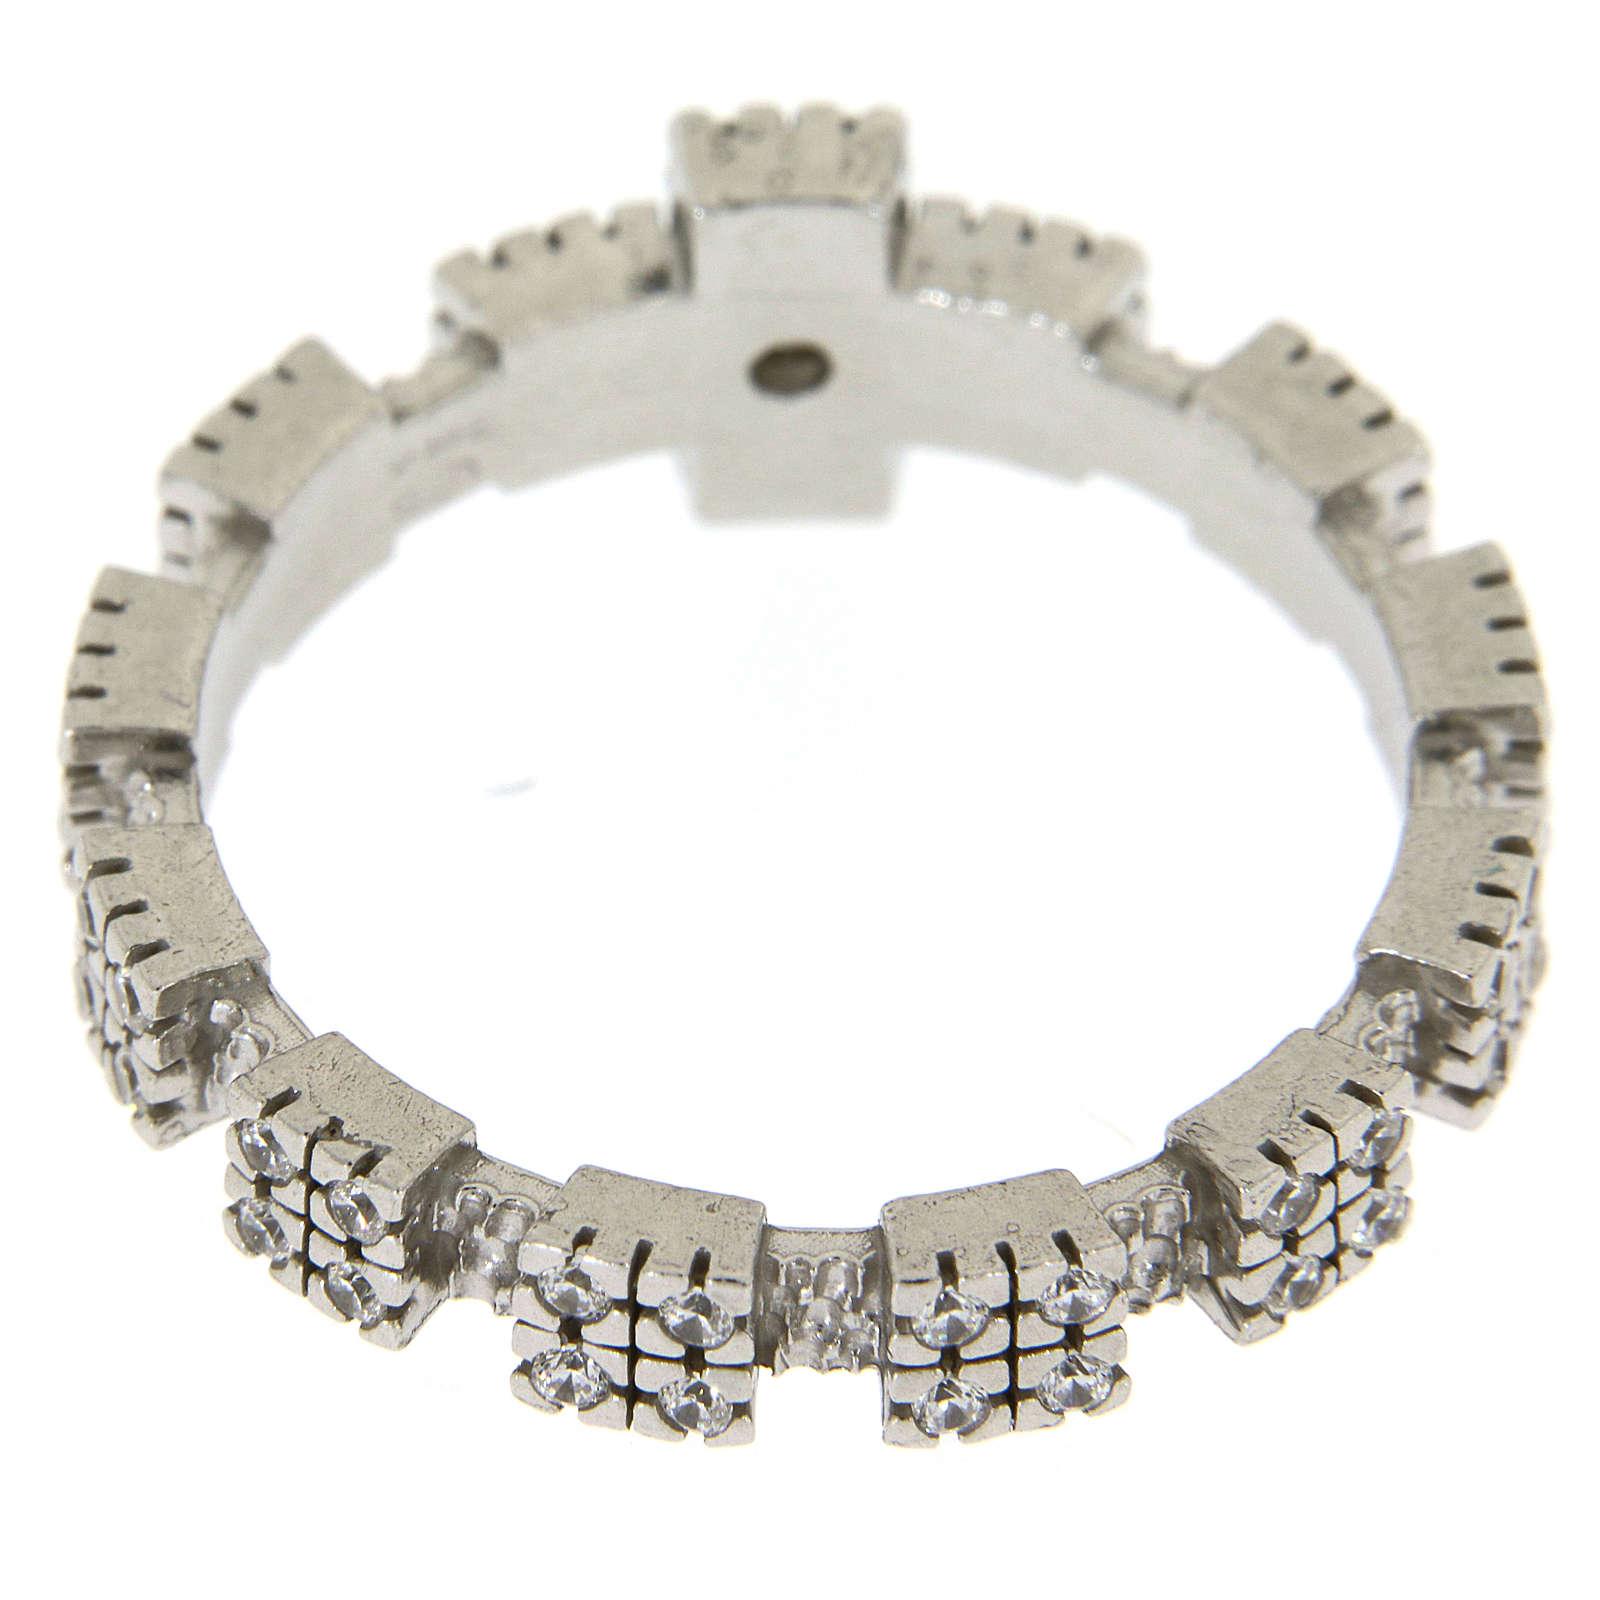 Anello in Argento 925 con zirconi trasparenti 3